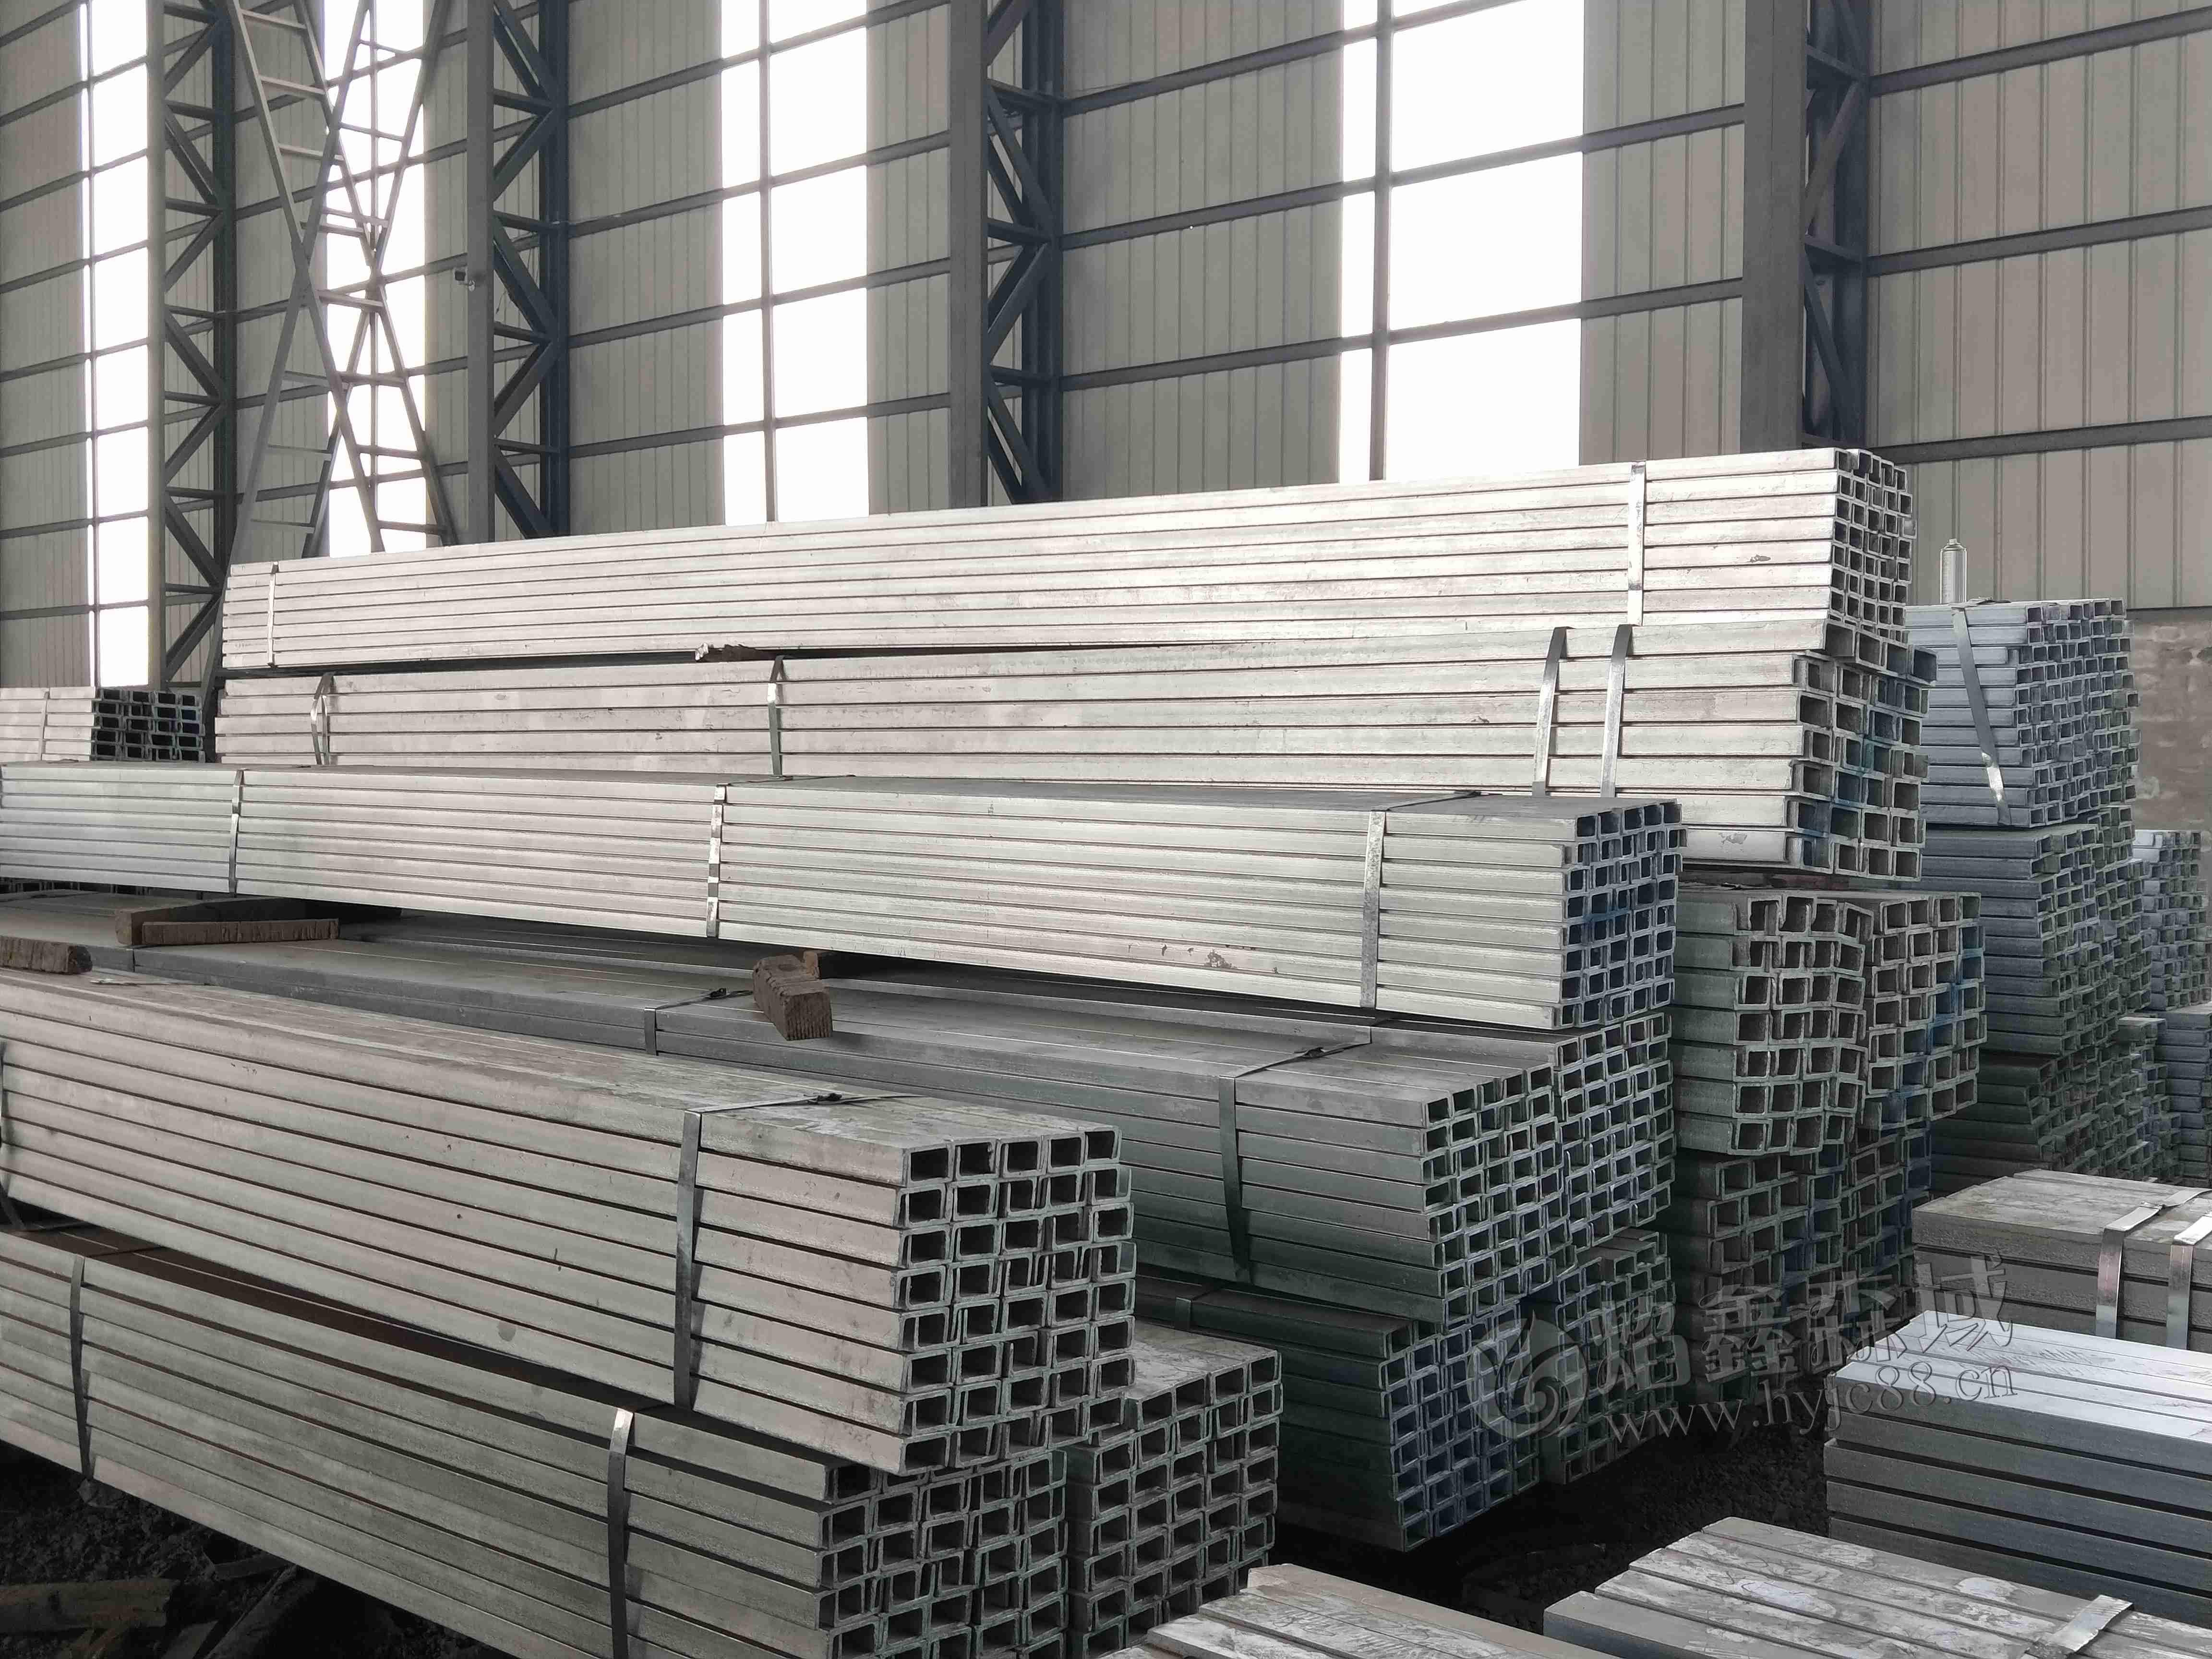 浙江镀锌槽钢价格以及镀锌槽钢优点简述